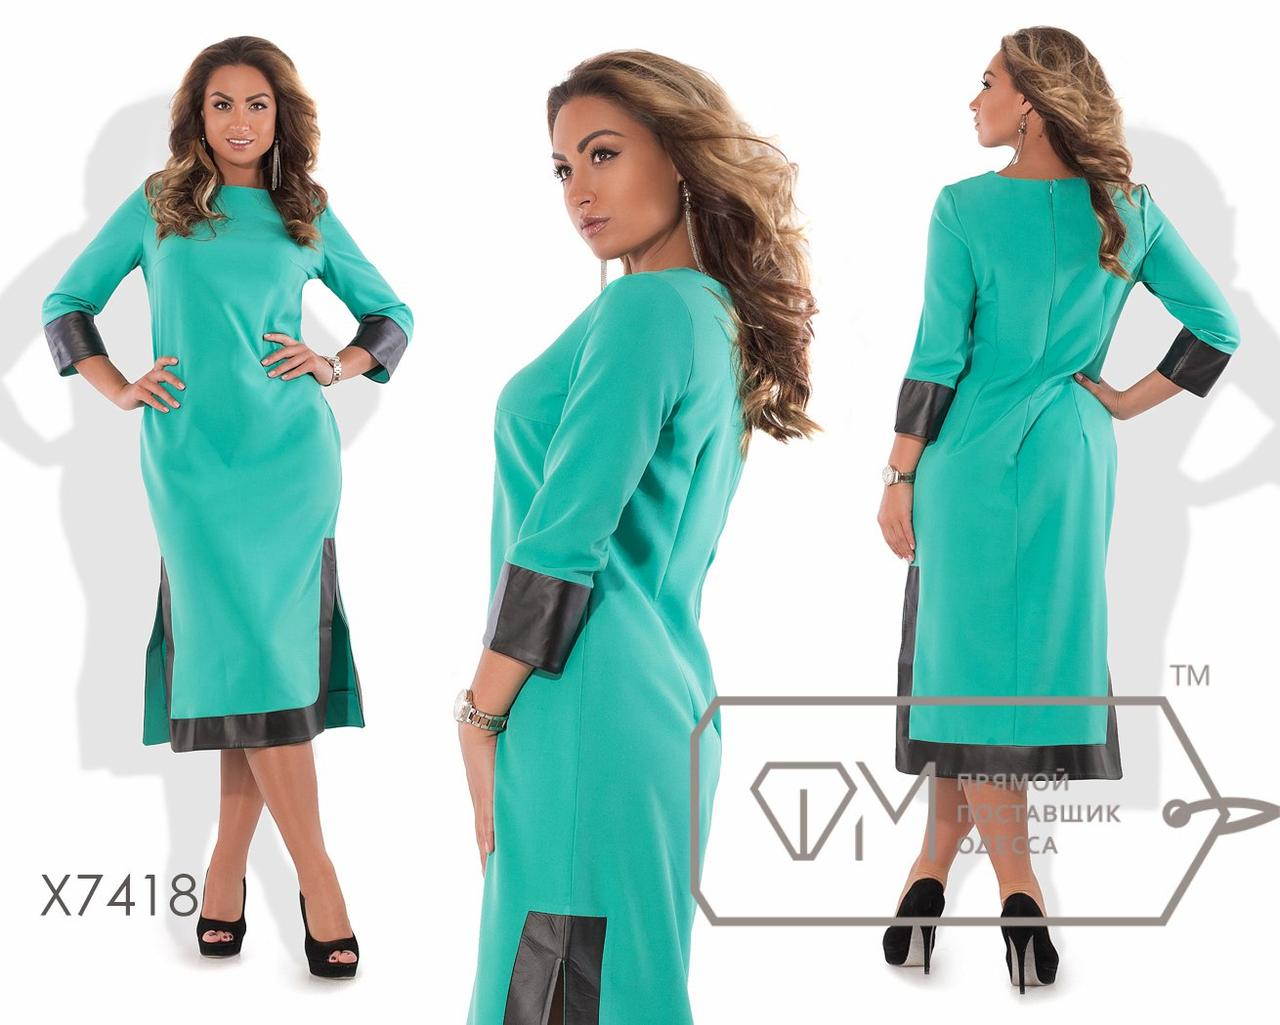 Платье-туника миди прямое из креп-костюмки с рукавами 3/4 и широким кантом экокожи по манжетам, подолу и боковым разрезам X7418